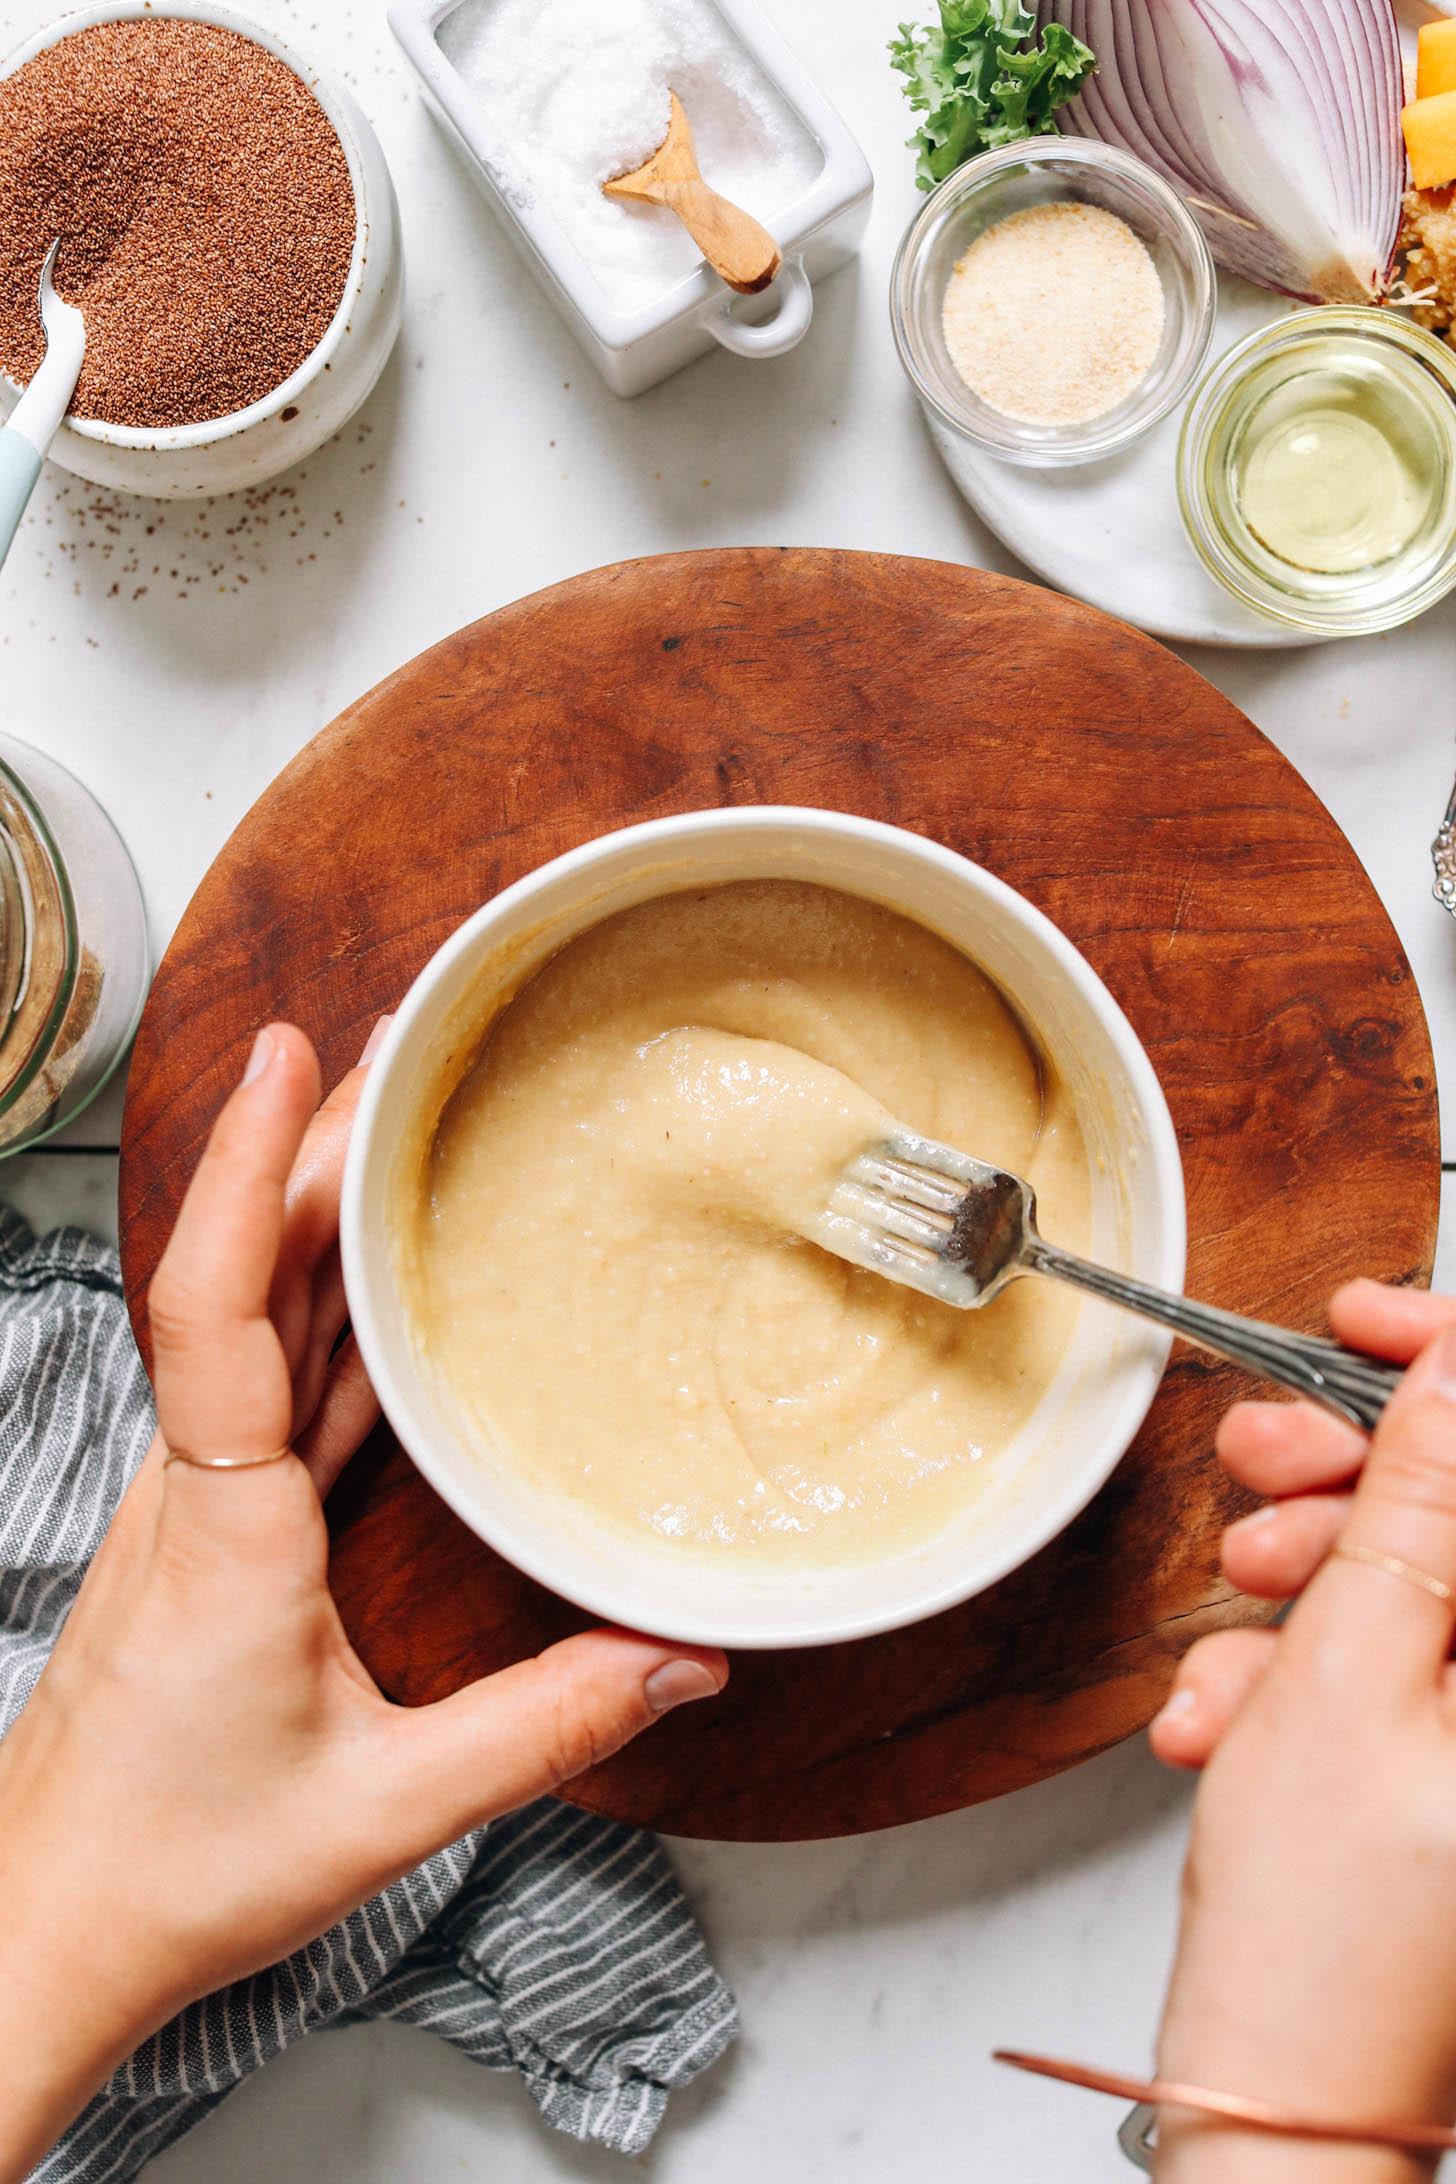 Mélanger le miso, l'huile d'avocat et l'eau dans un bol